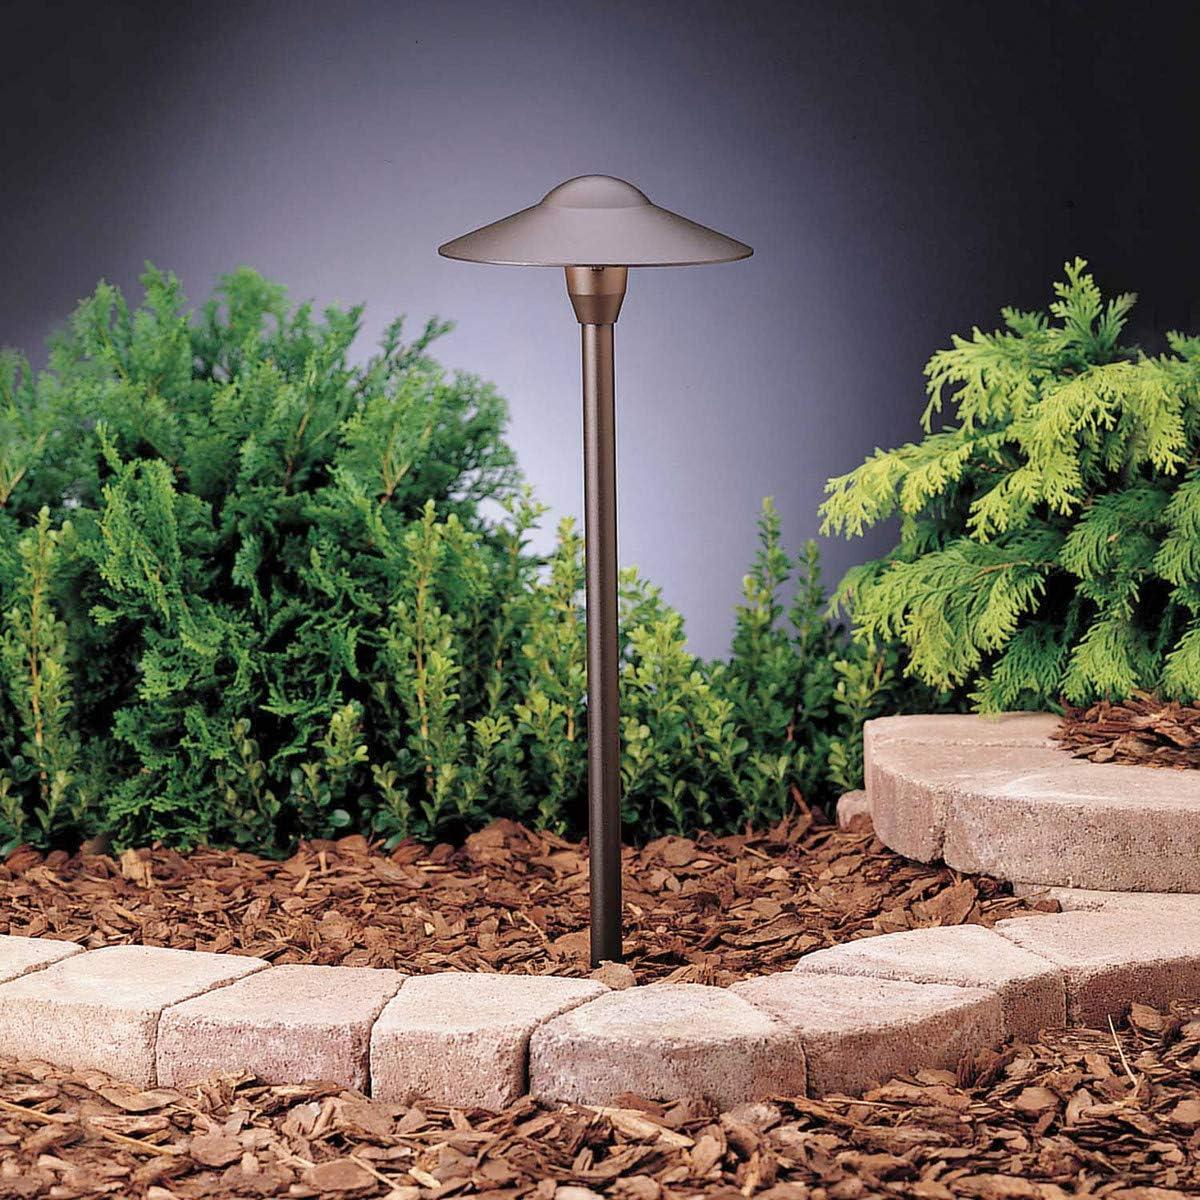 Kichler Low Voltage Path Light Landscape Path Lights Amazon Com